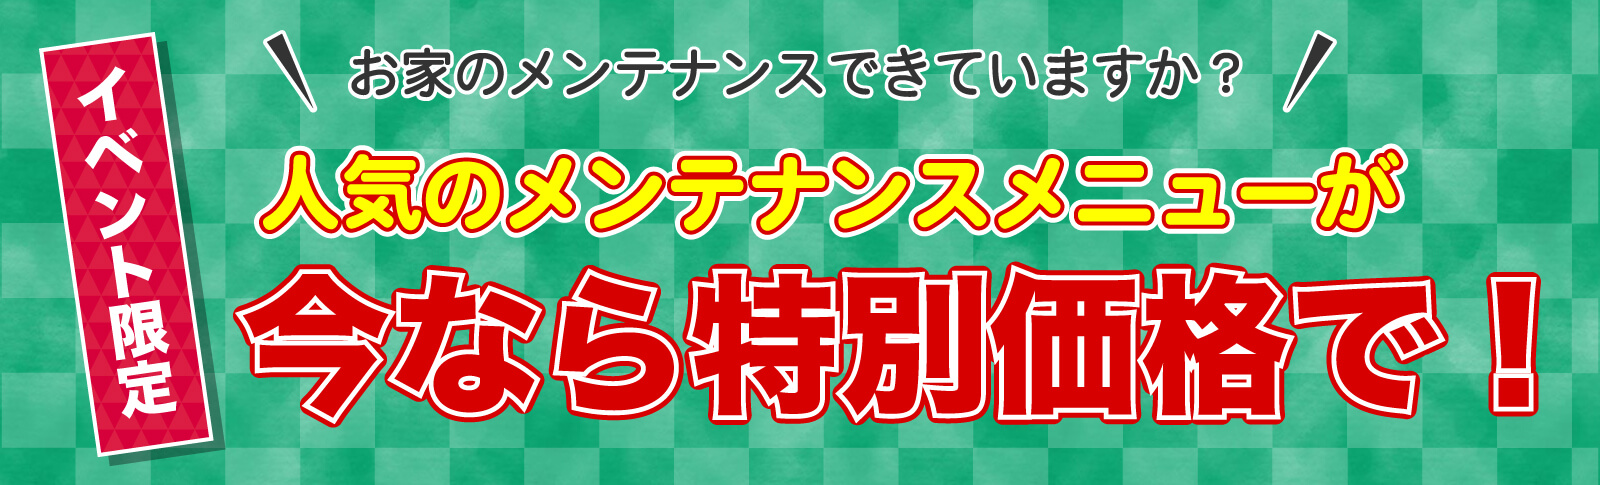 仙台のリフォーム専門店 DAIKUダイク お家のメンテナンスメニューがイベント限定の特別価格